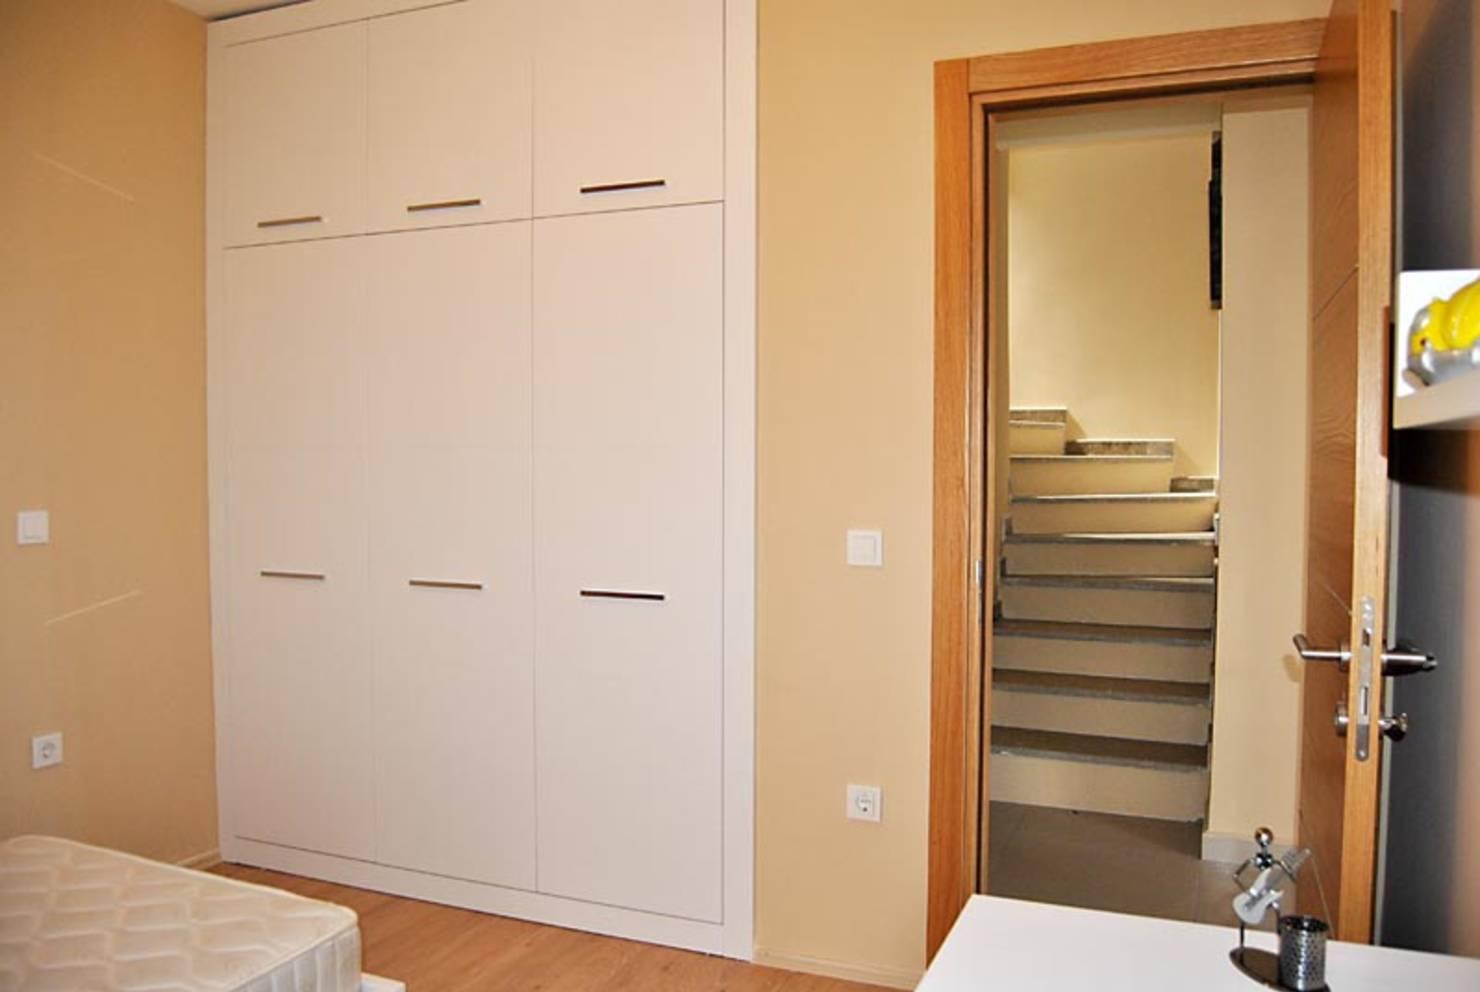 cozy-3-gomme-sifoniyer-ile-alandan-evinizin-giris-holunu-dekore-etmek-20 Evinizin giriş holünü dekore etmek